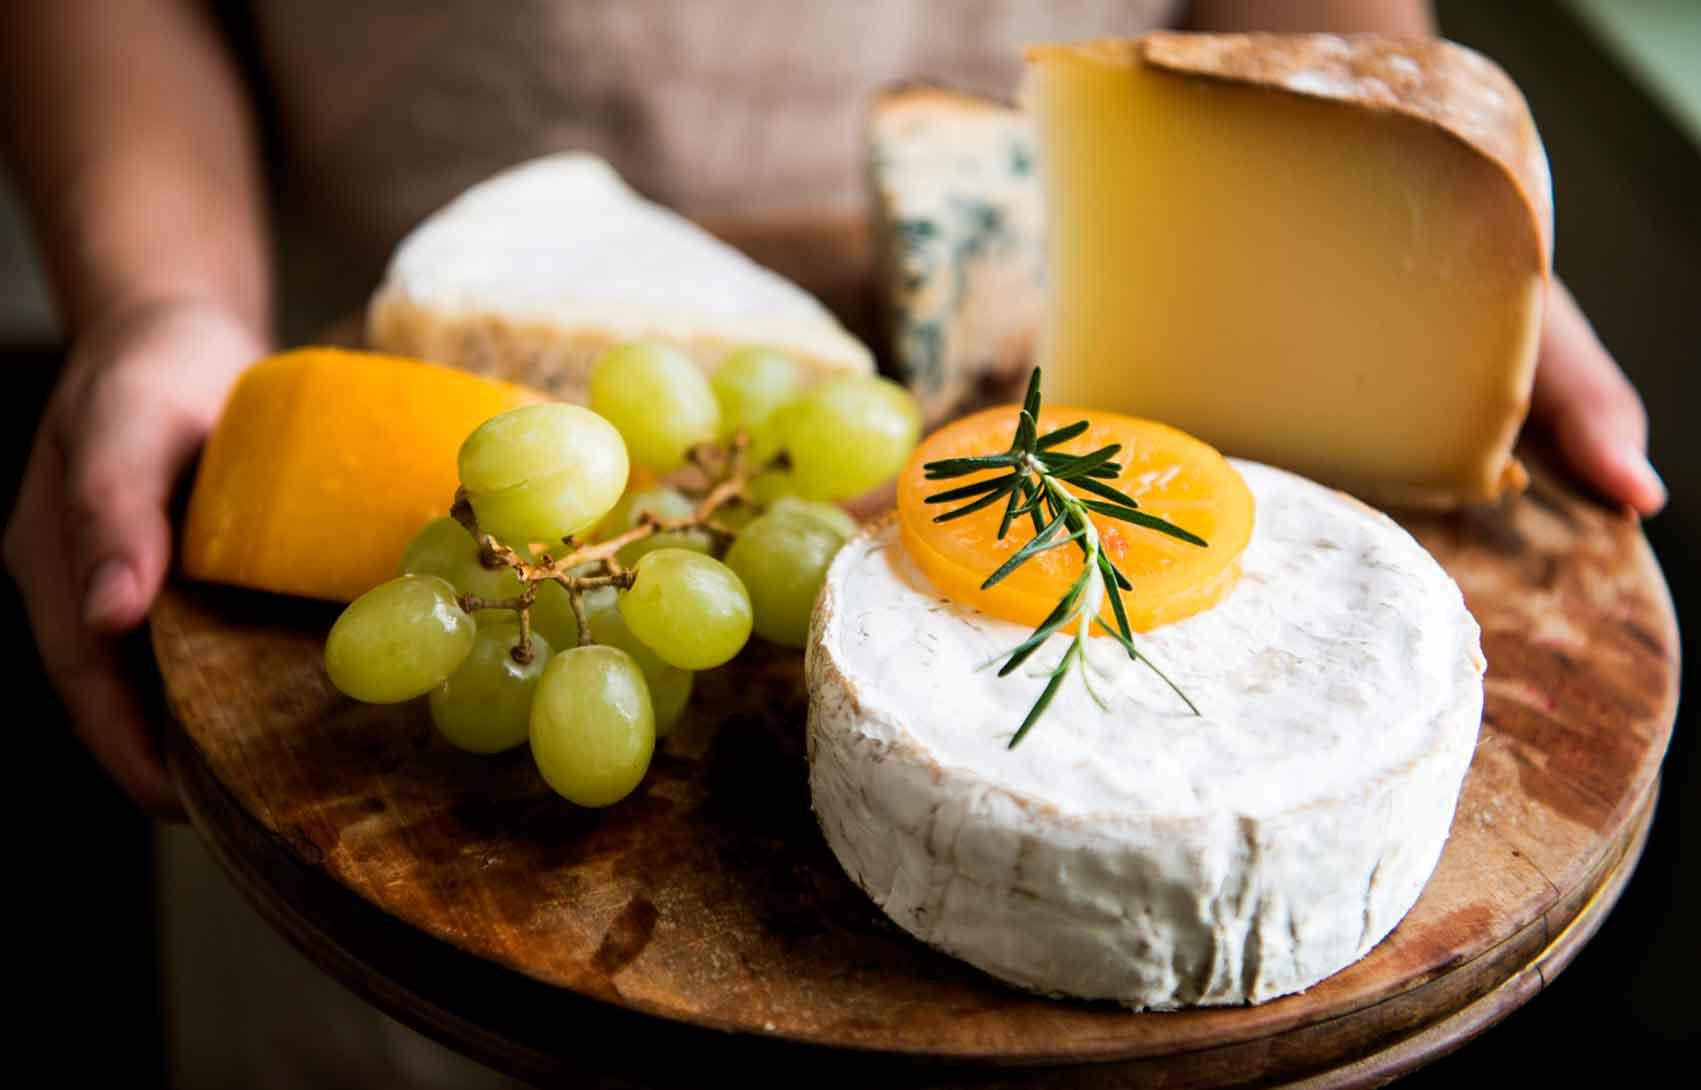 ישרקו-מקבוצת-טיב-טעם-בוצ'ר-גבינות-לשבועות-אופנה